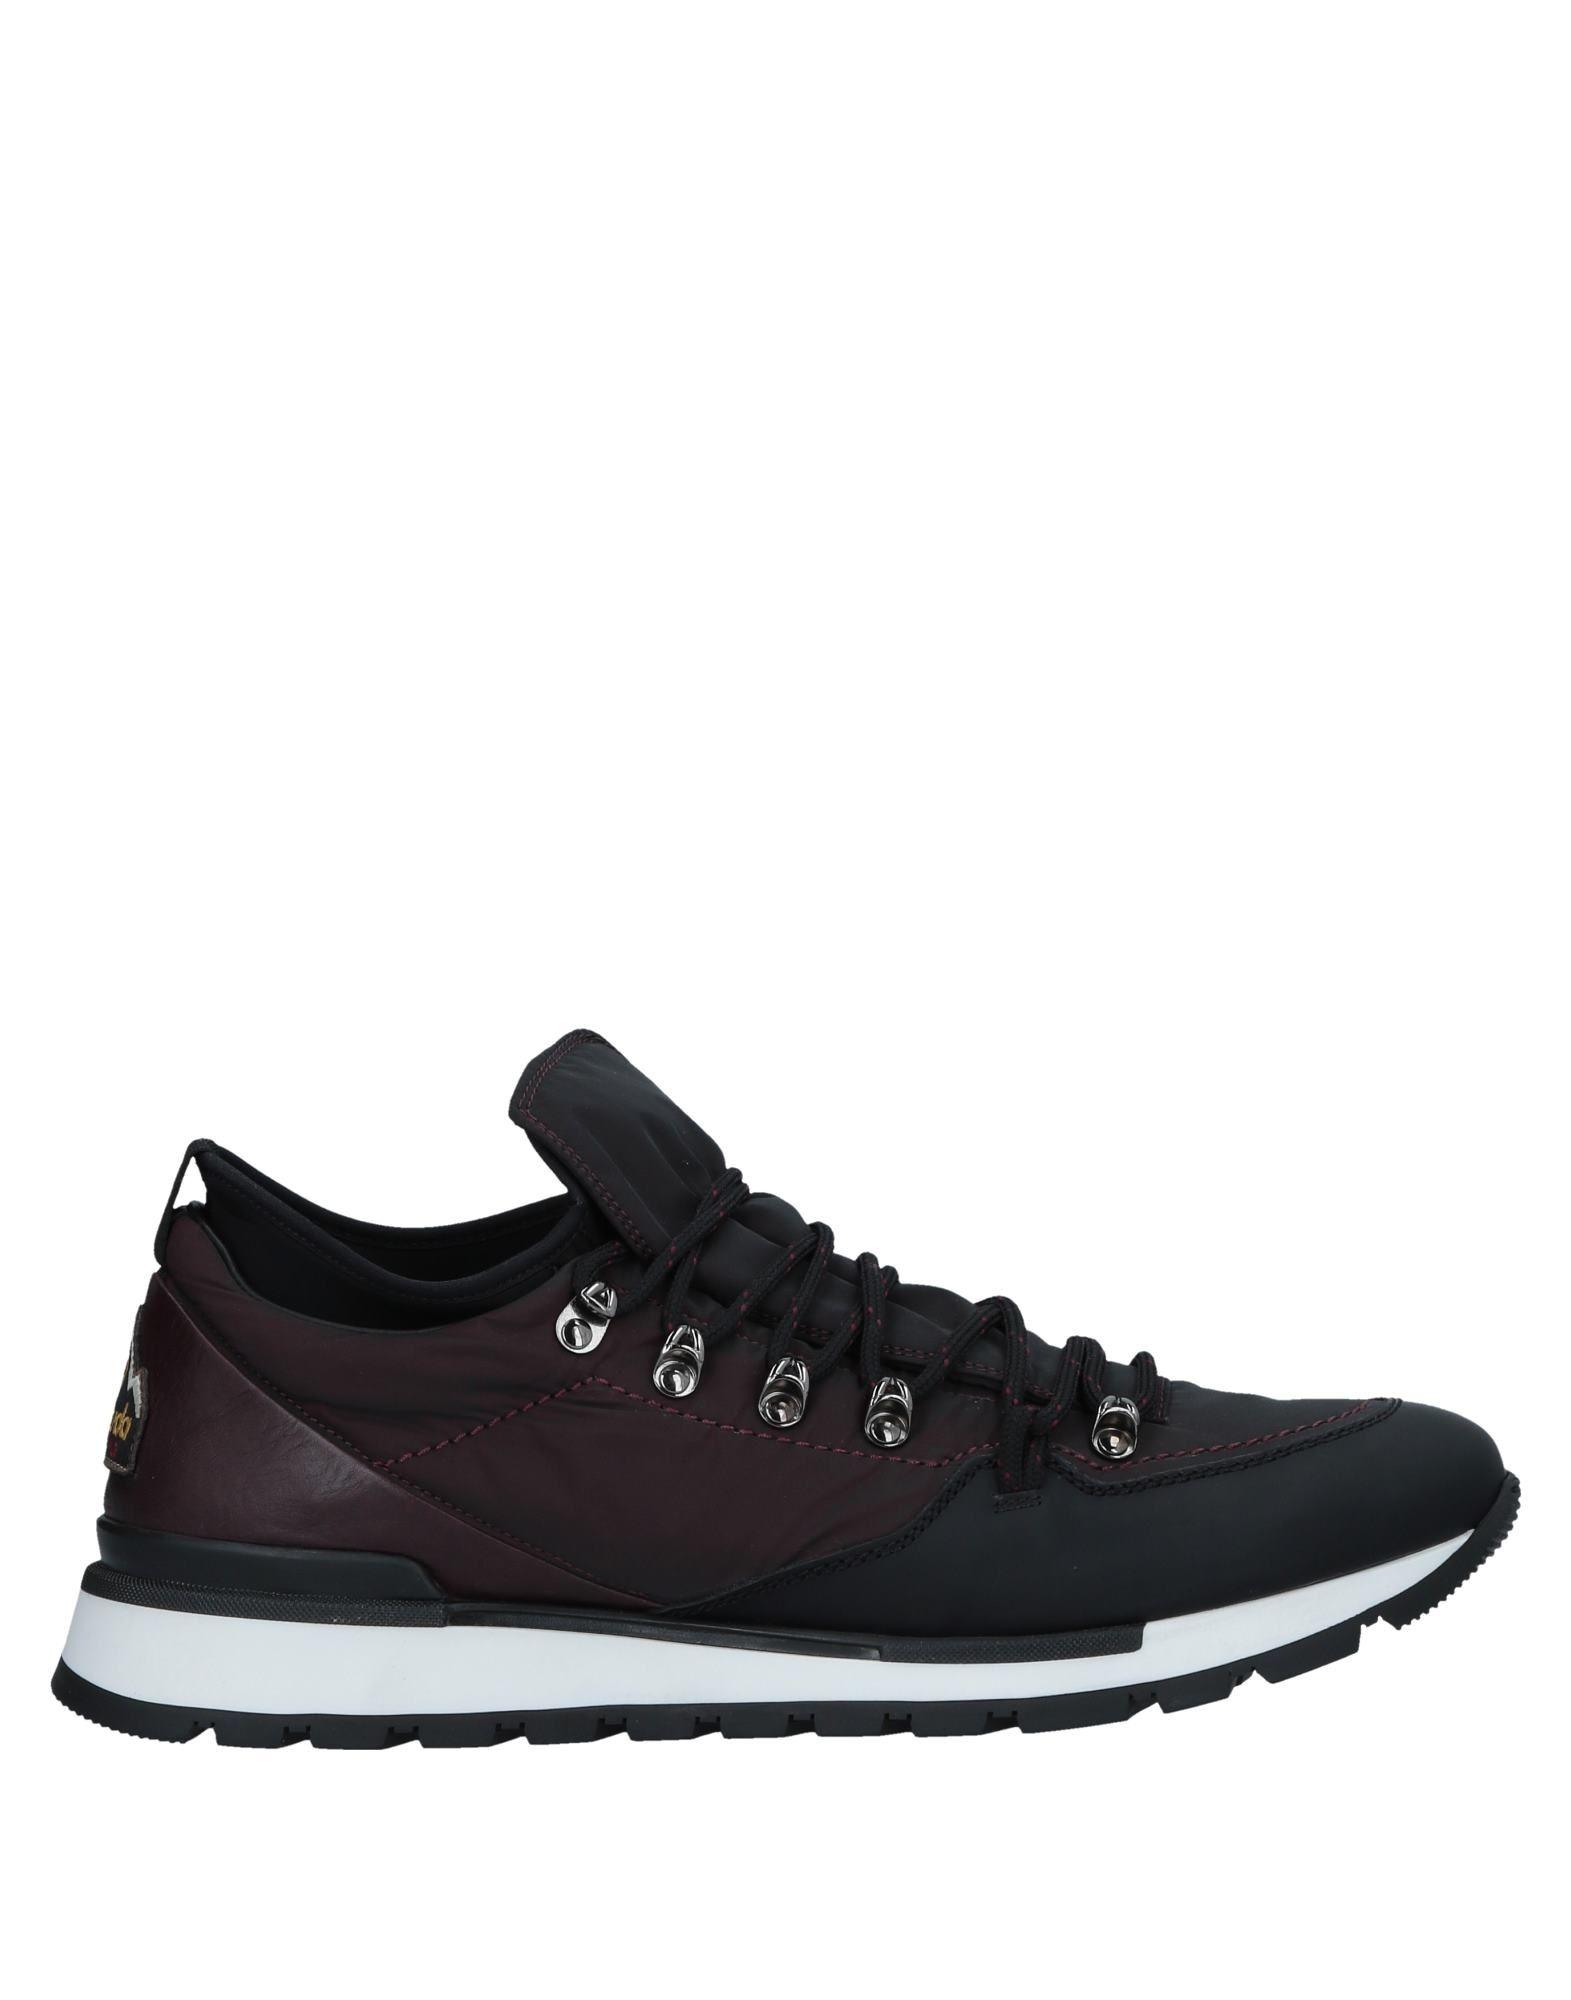 Sneakers Barracuda Uomo - 11532767QQ Scarpe economiche e buone